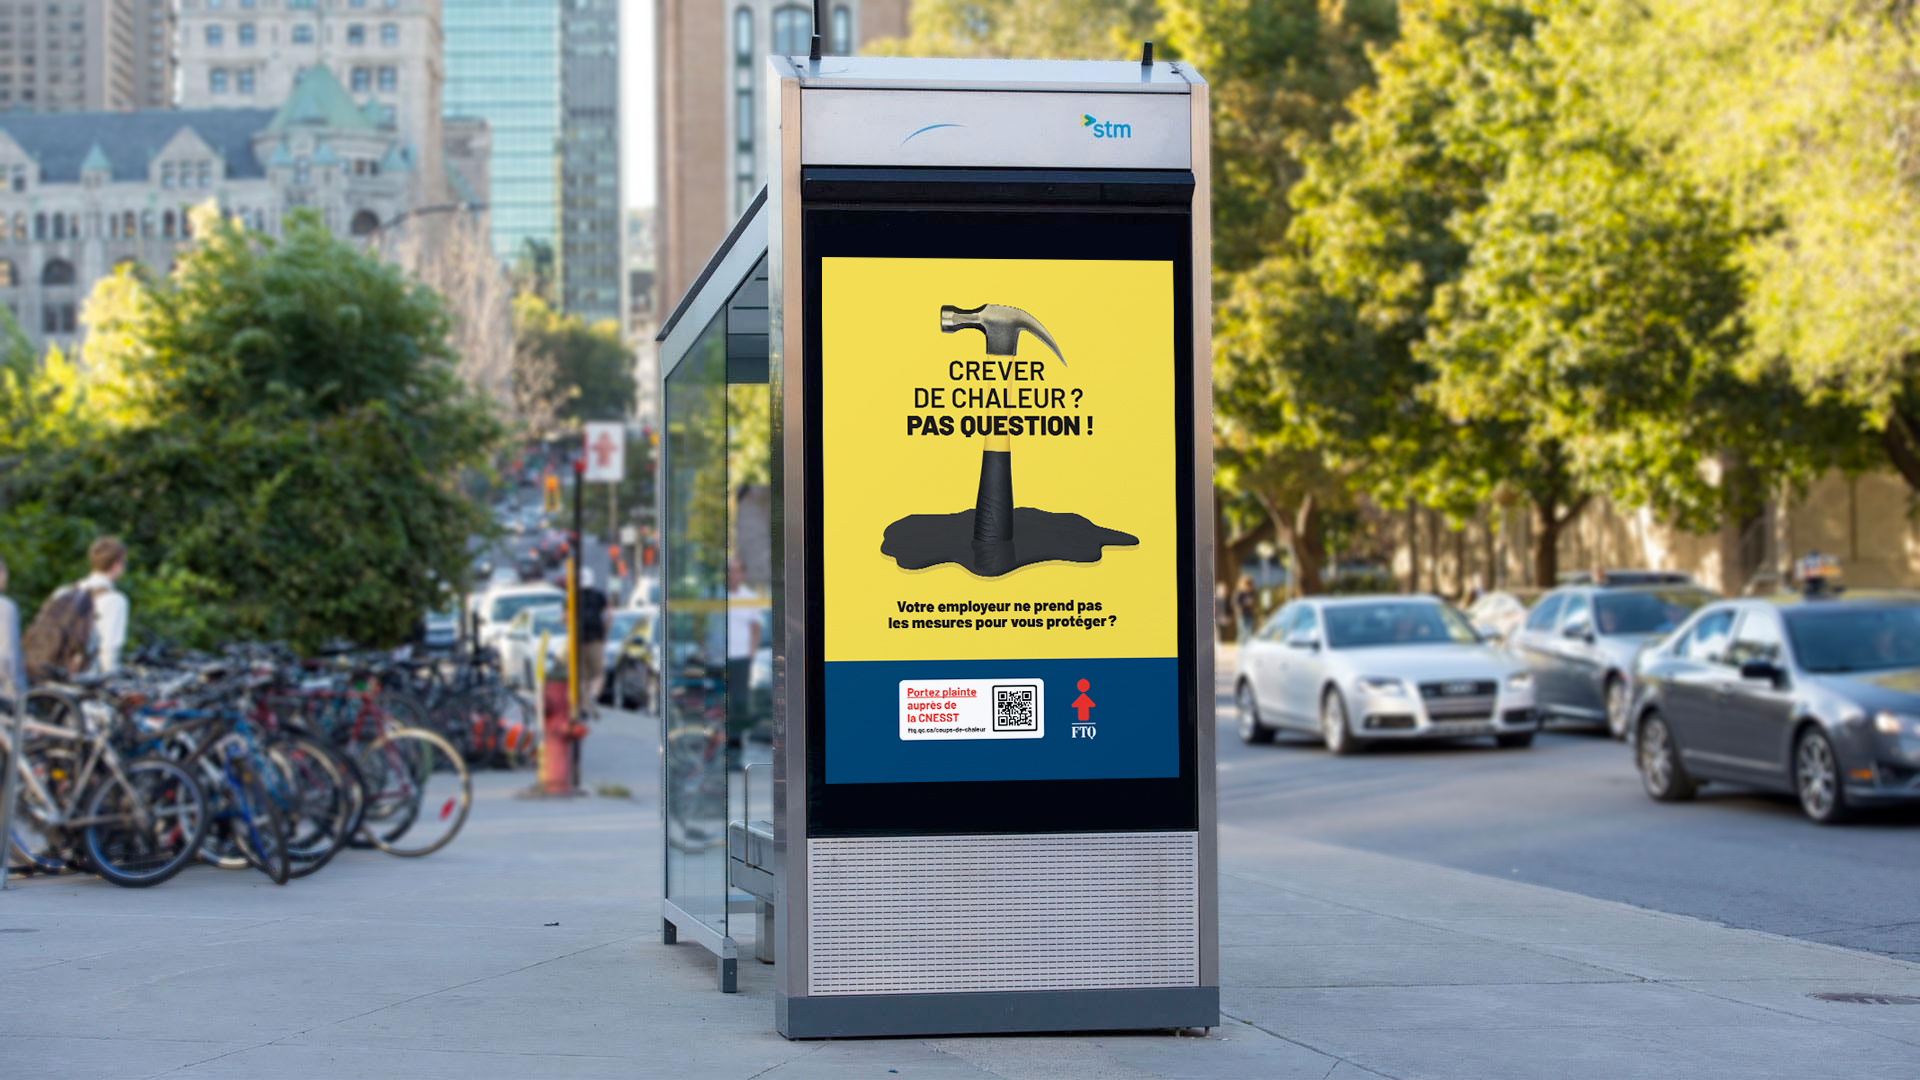 Une campagne de communication pour contrer les coups de chaleur en milieu de travail